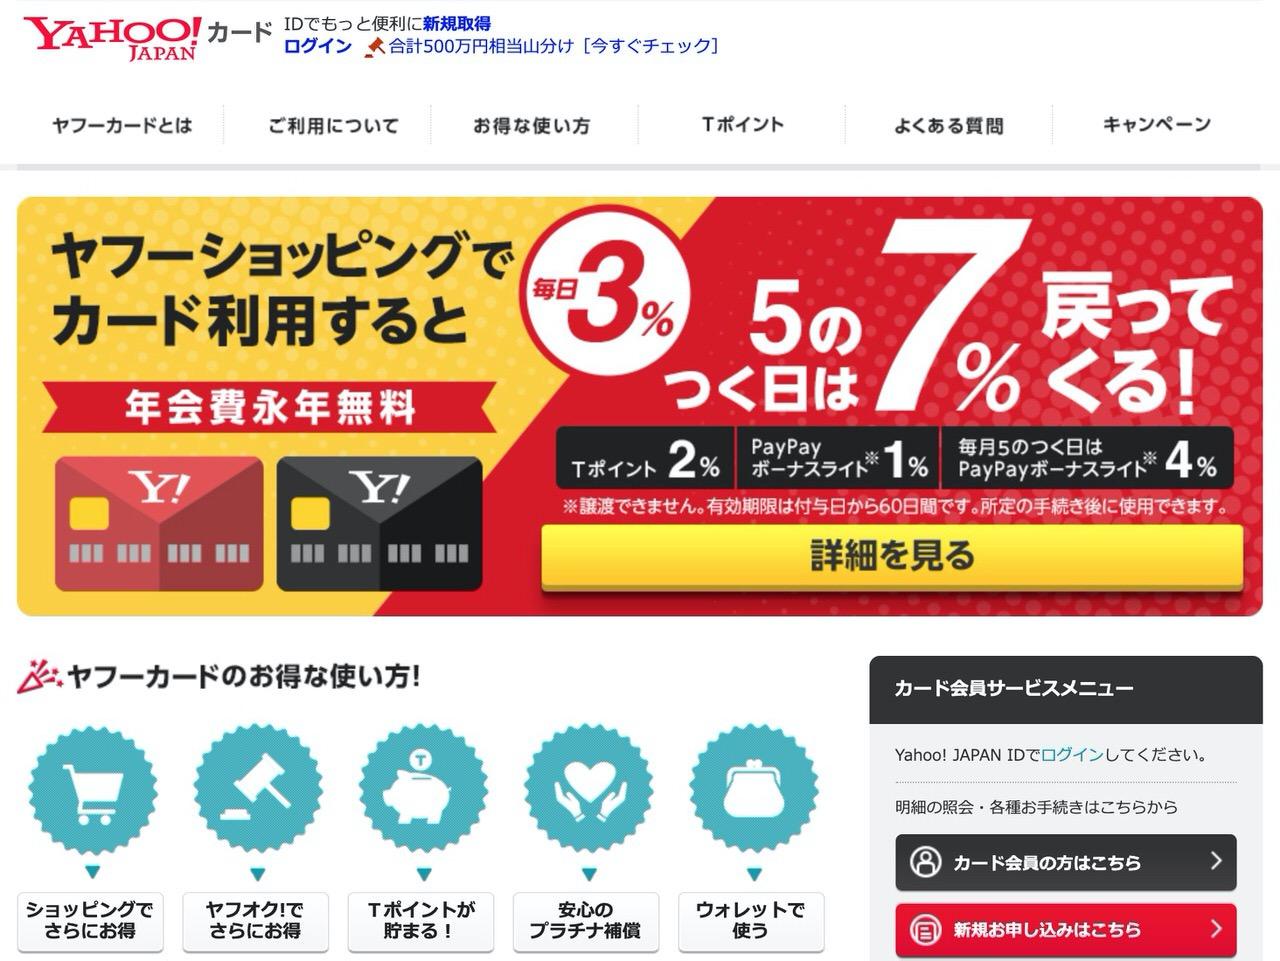 【PayPay】ヤフーカードによるチャージでのポイント付与が廃止